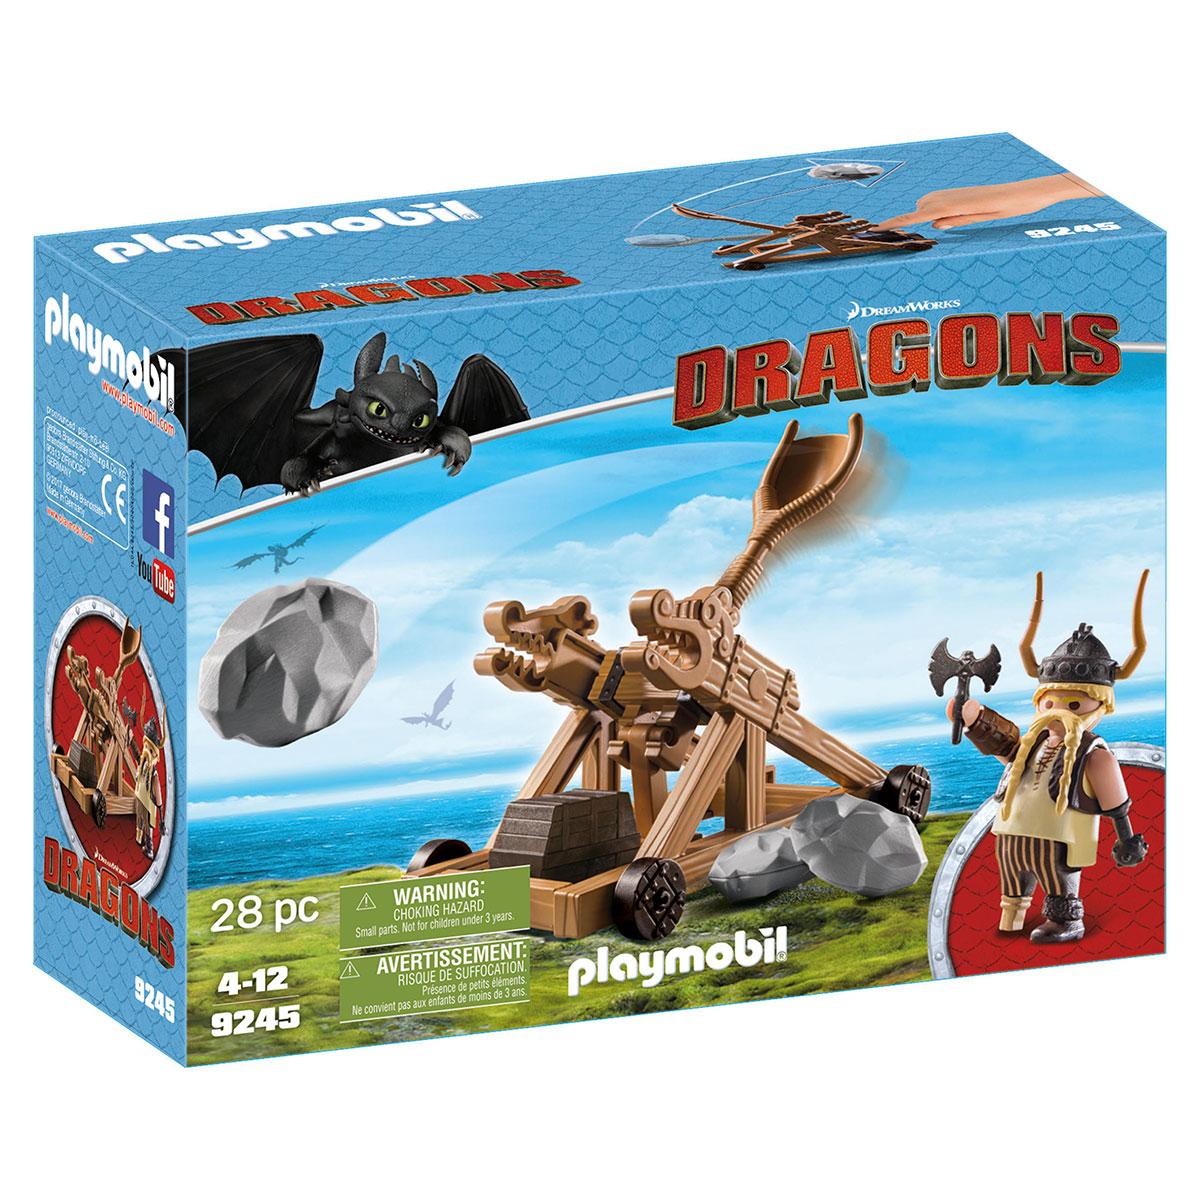 Billede af Playmobil Gorbert med katapult